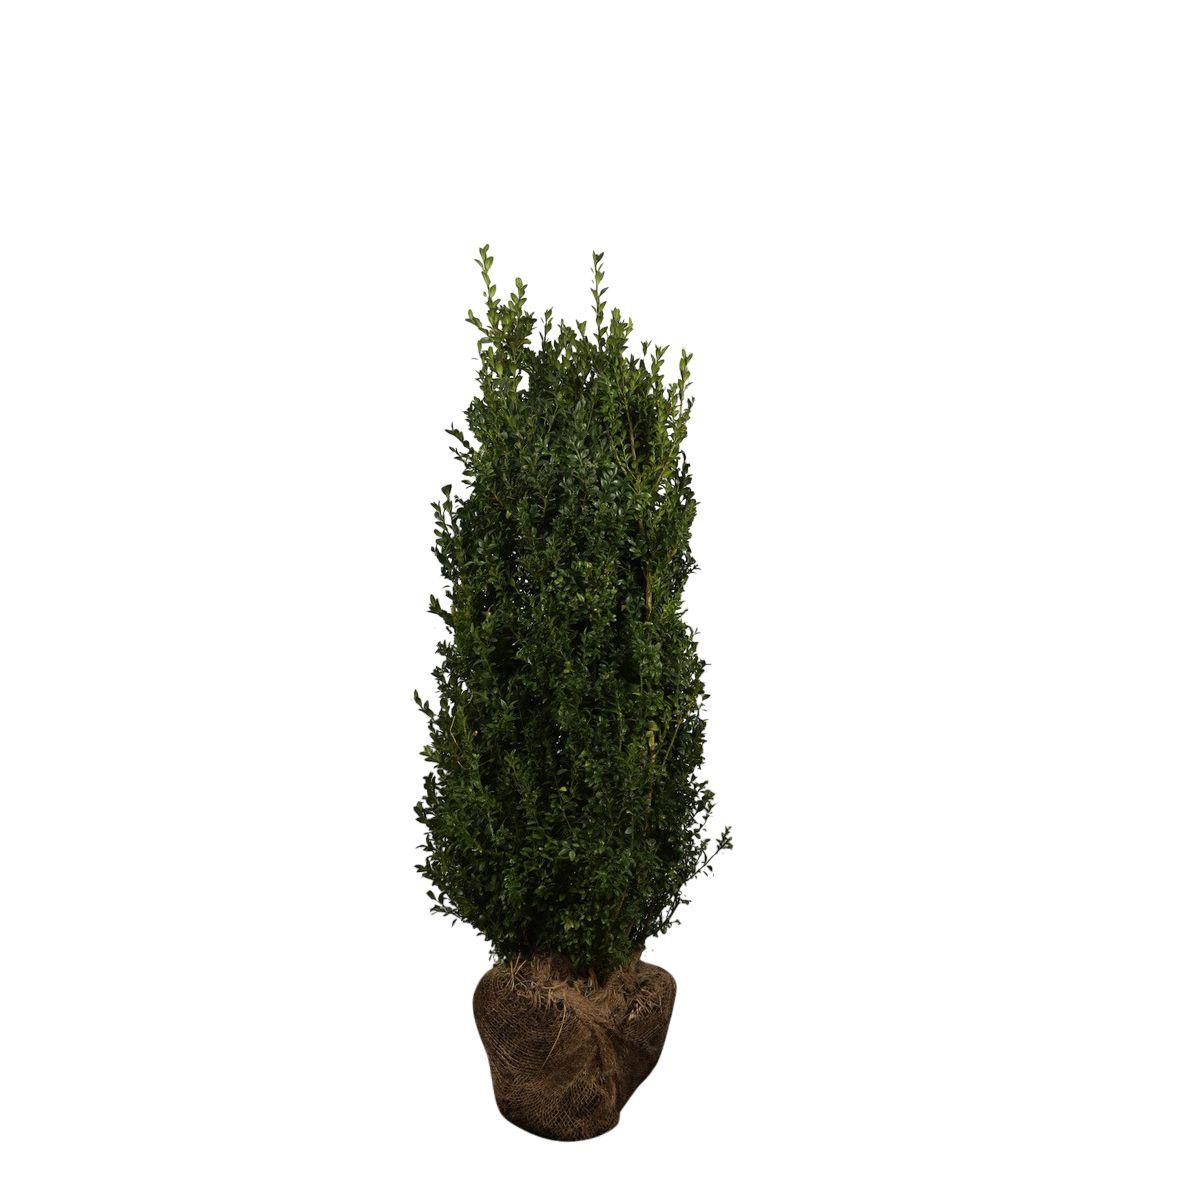 Buchsbaum - Sträucher Wurzelballen 80-100 cm Extra Qualtität